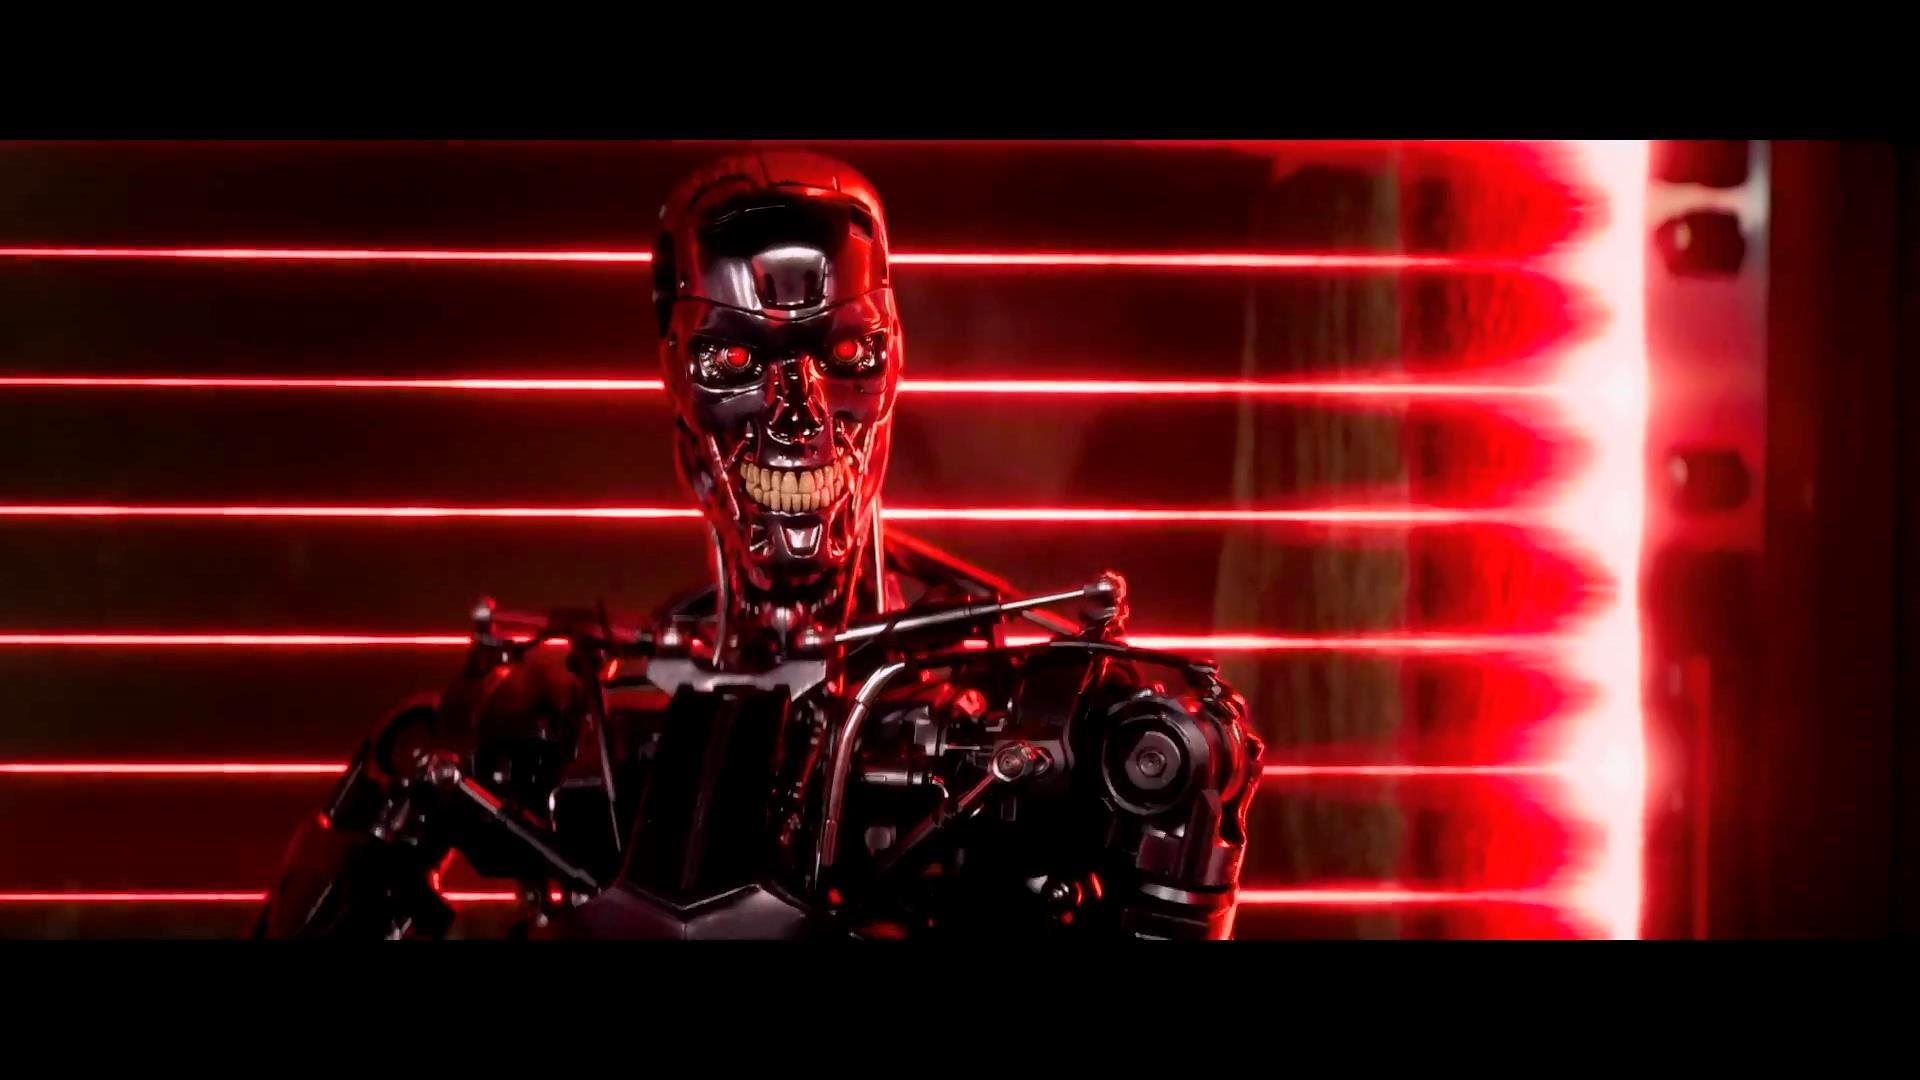 Терминатор 5 трейлер на русском 4 фотография